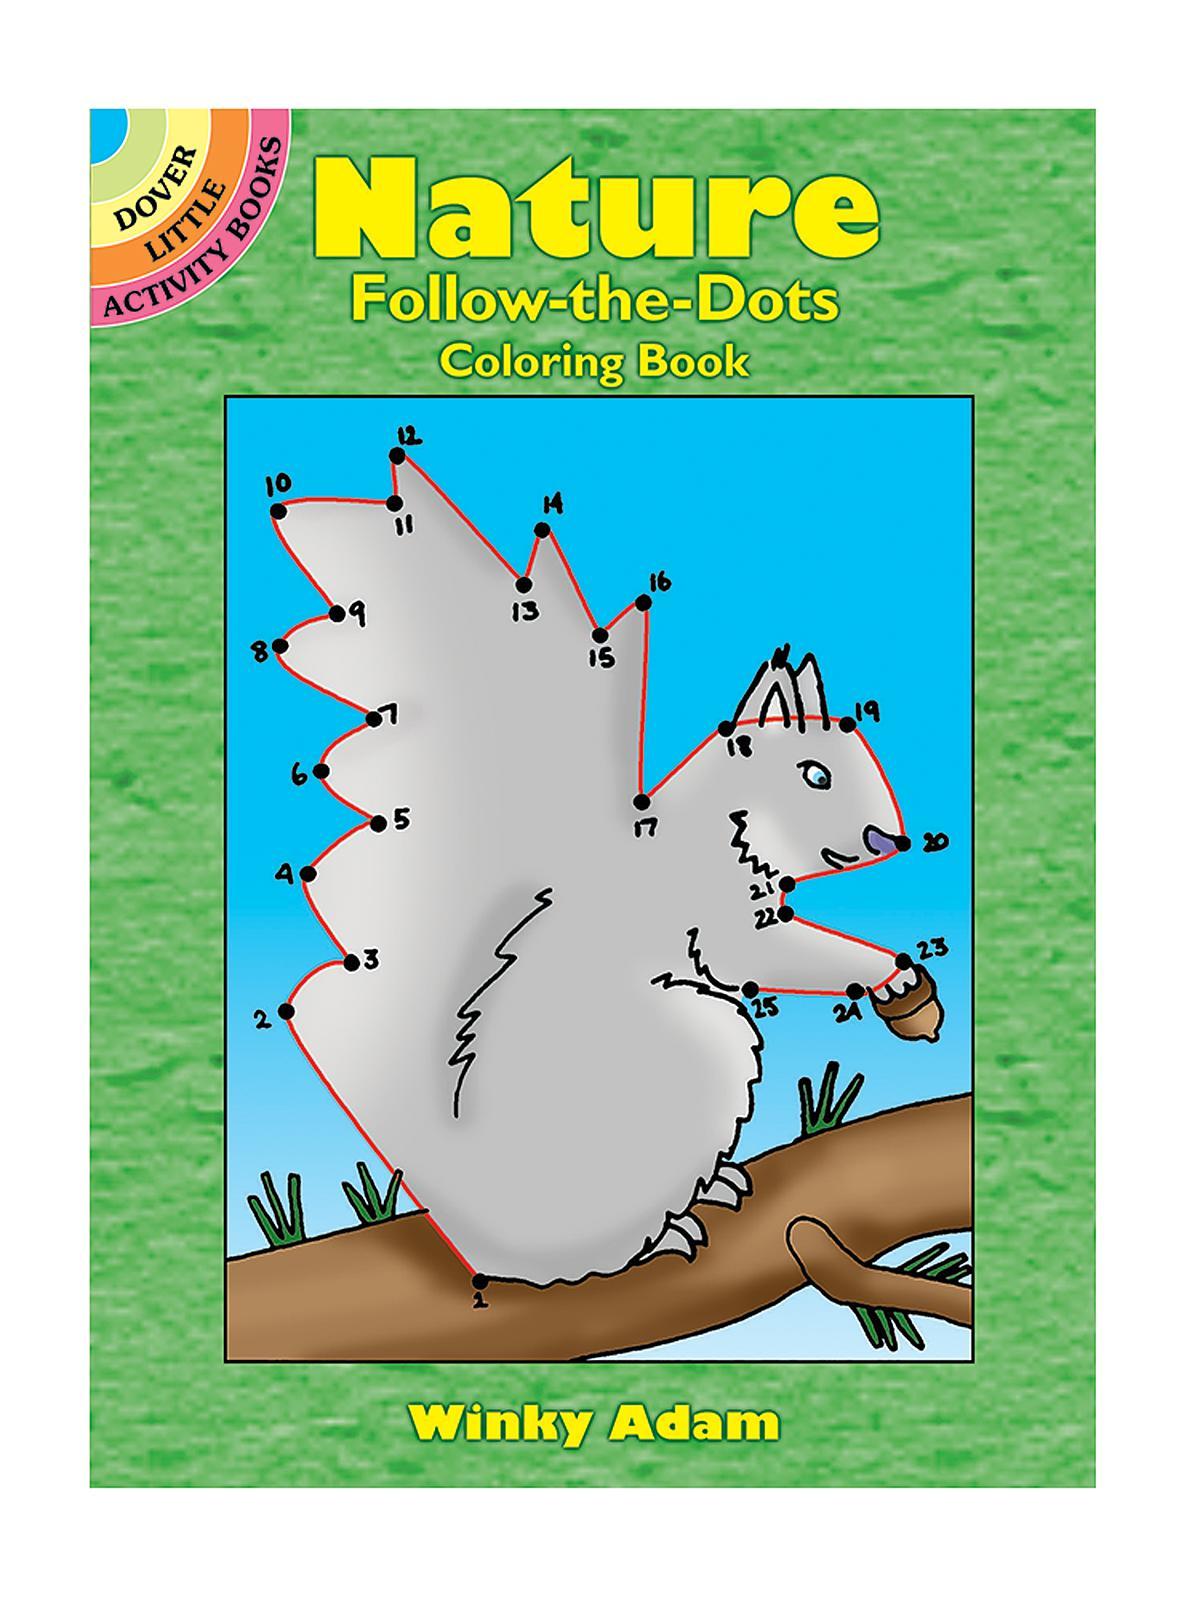 Nature Follow-The-Dots Coloring Book   MisterArt.com